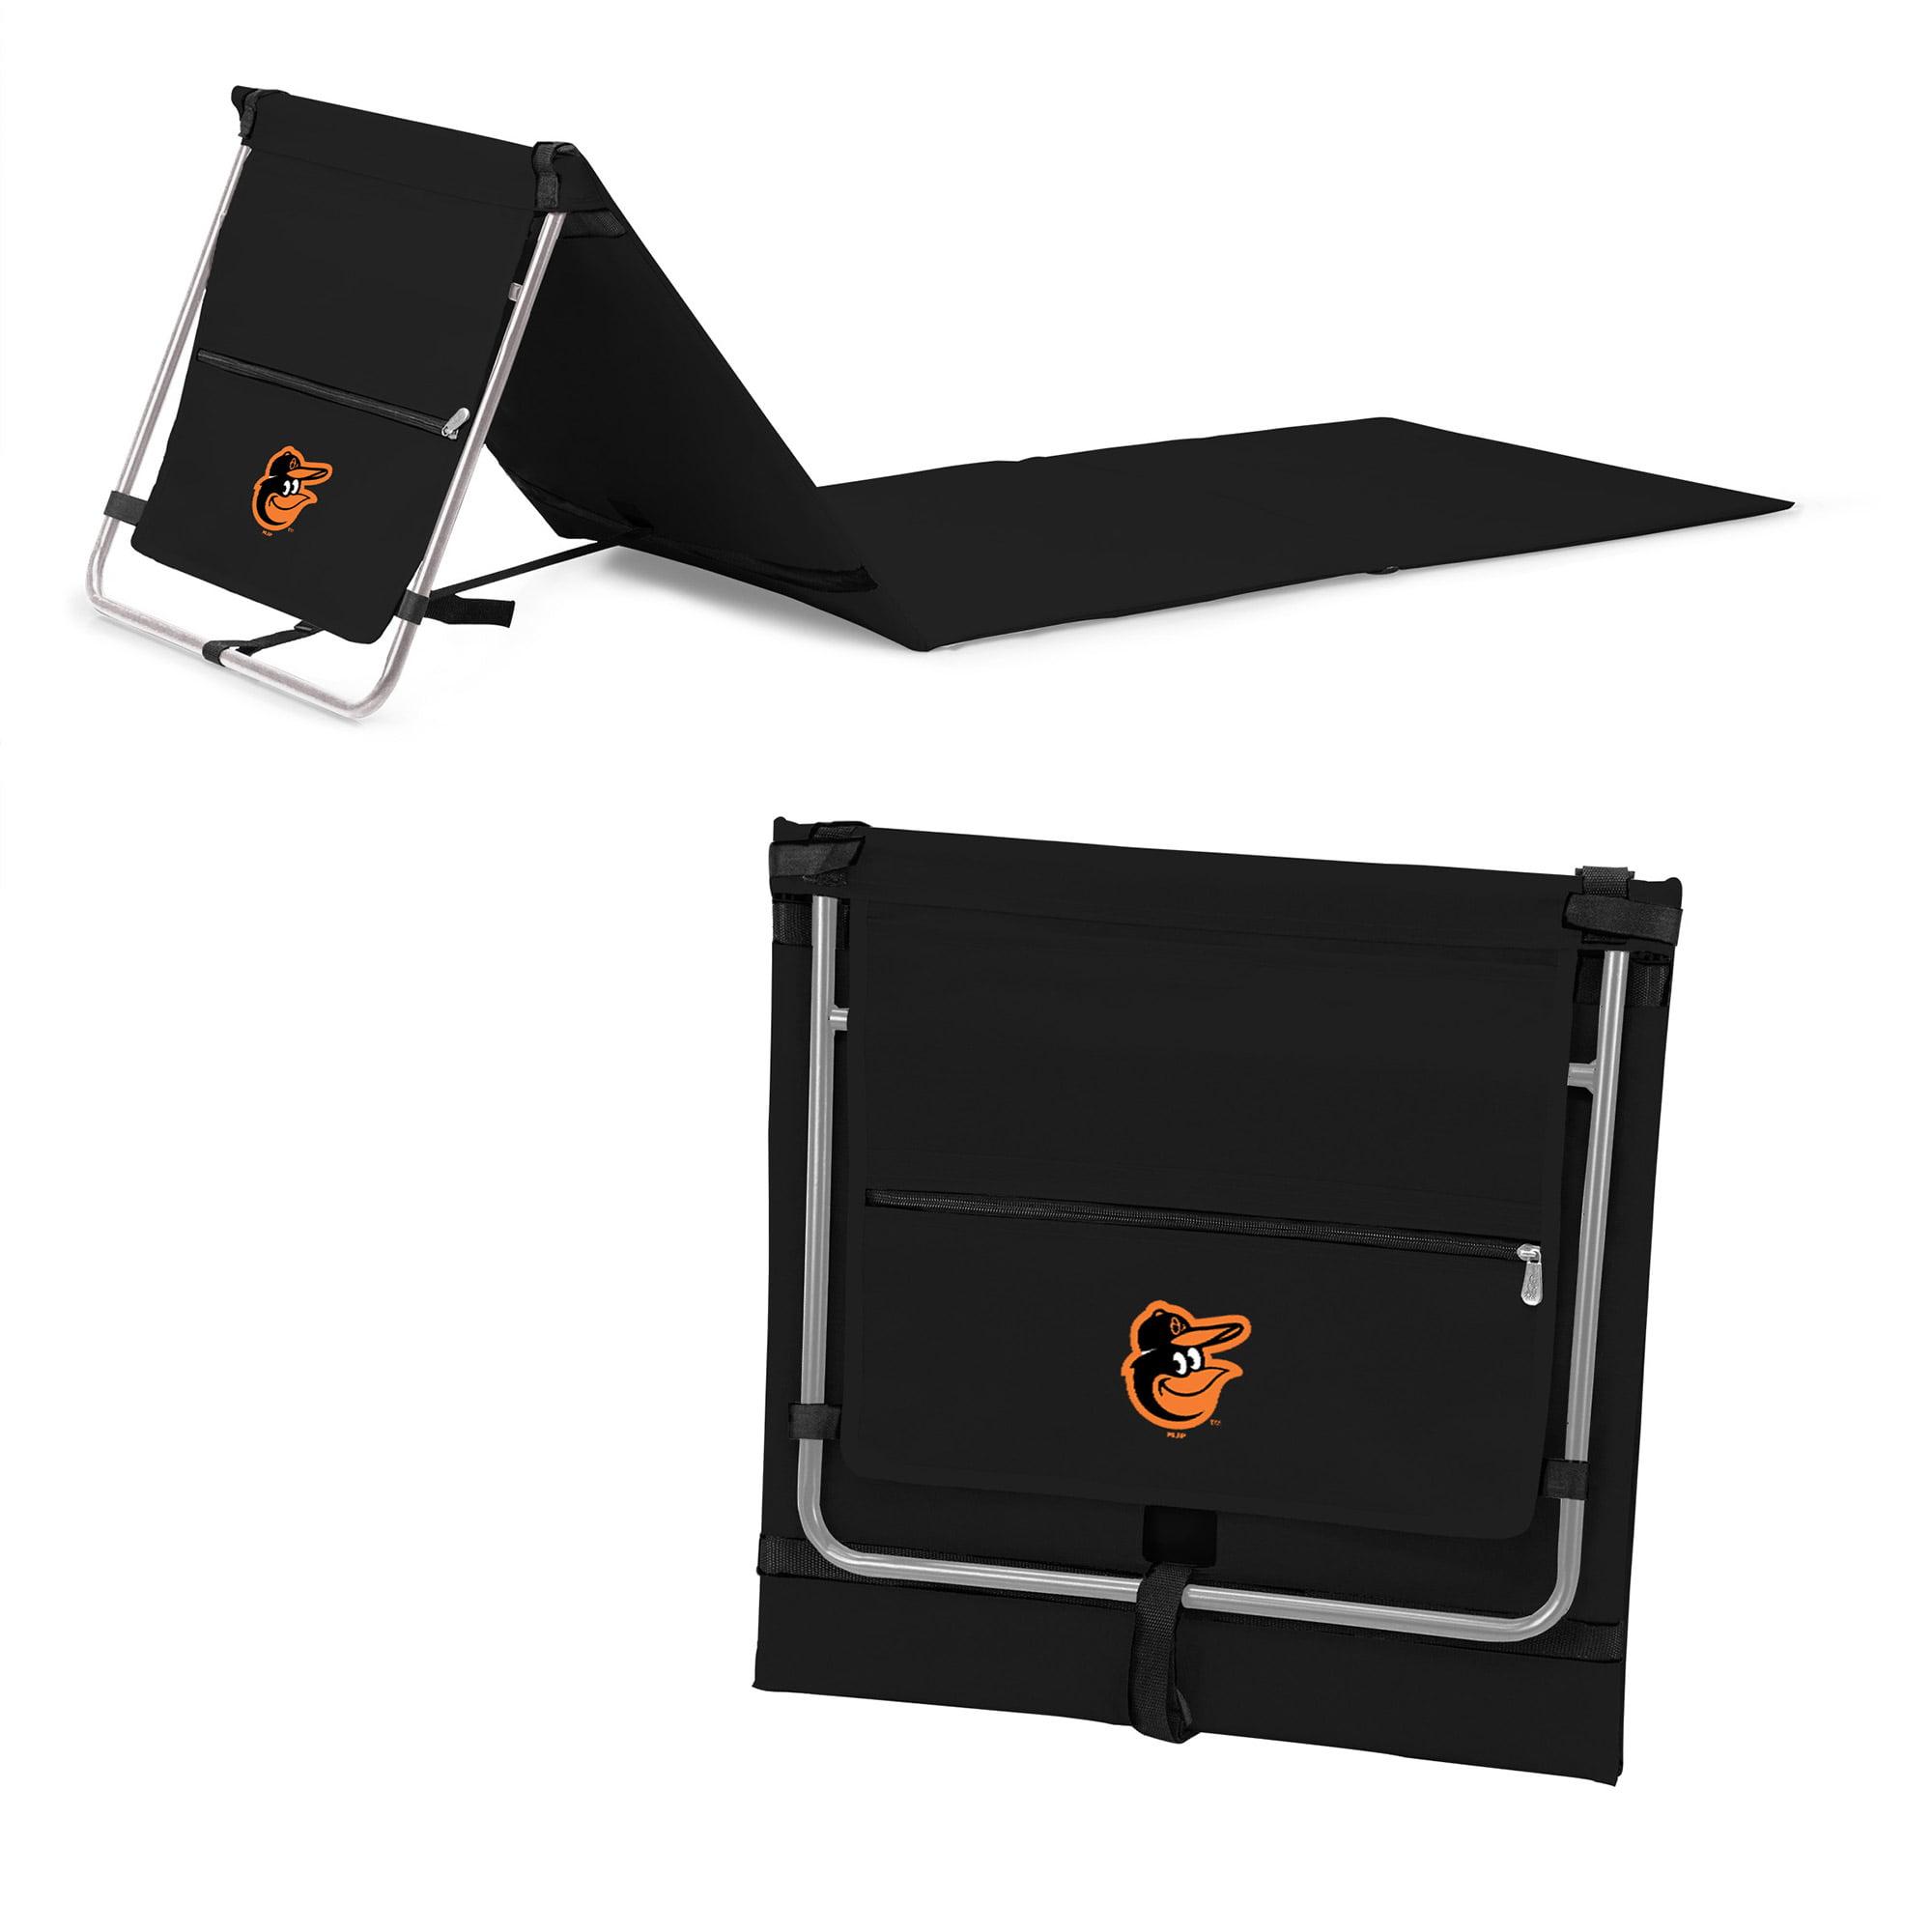 Baltimore Orioles Portable Lounger Beach Mat - Black - No Size